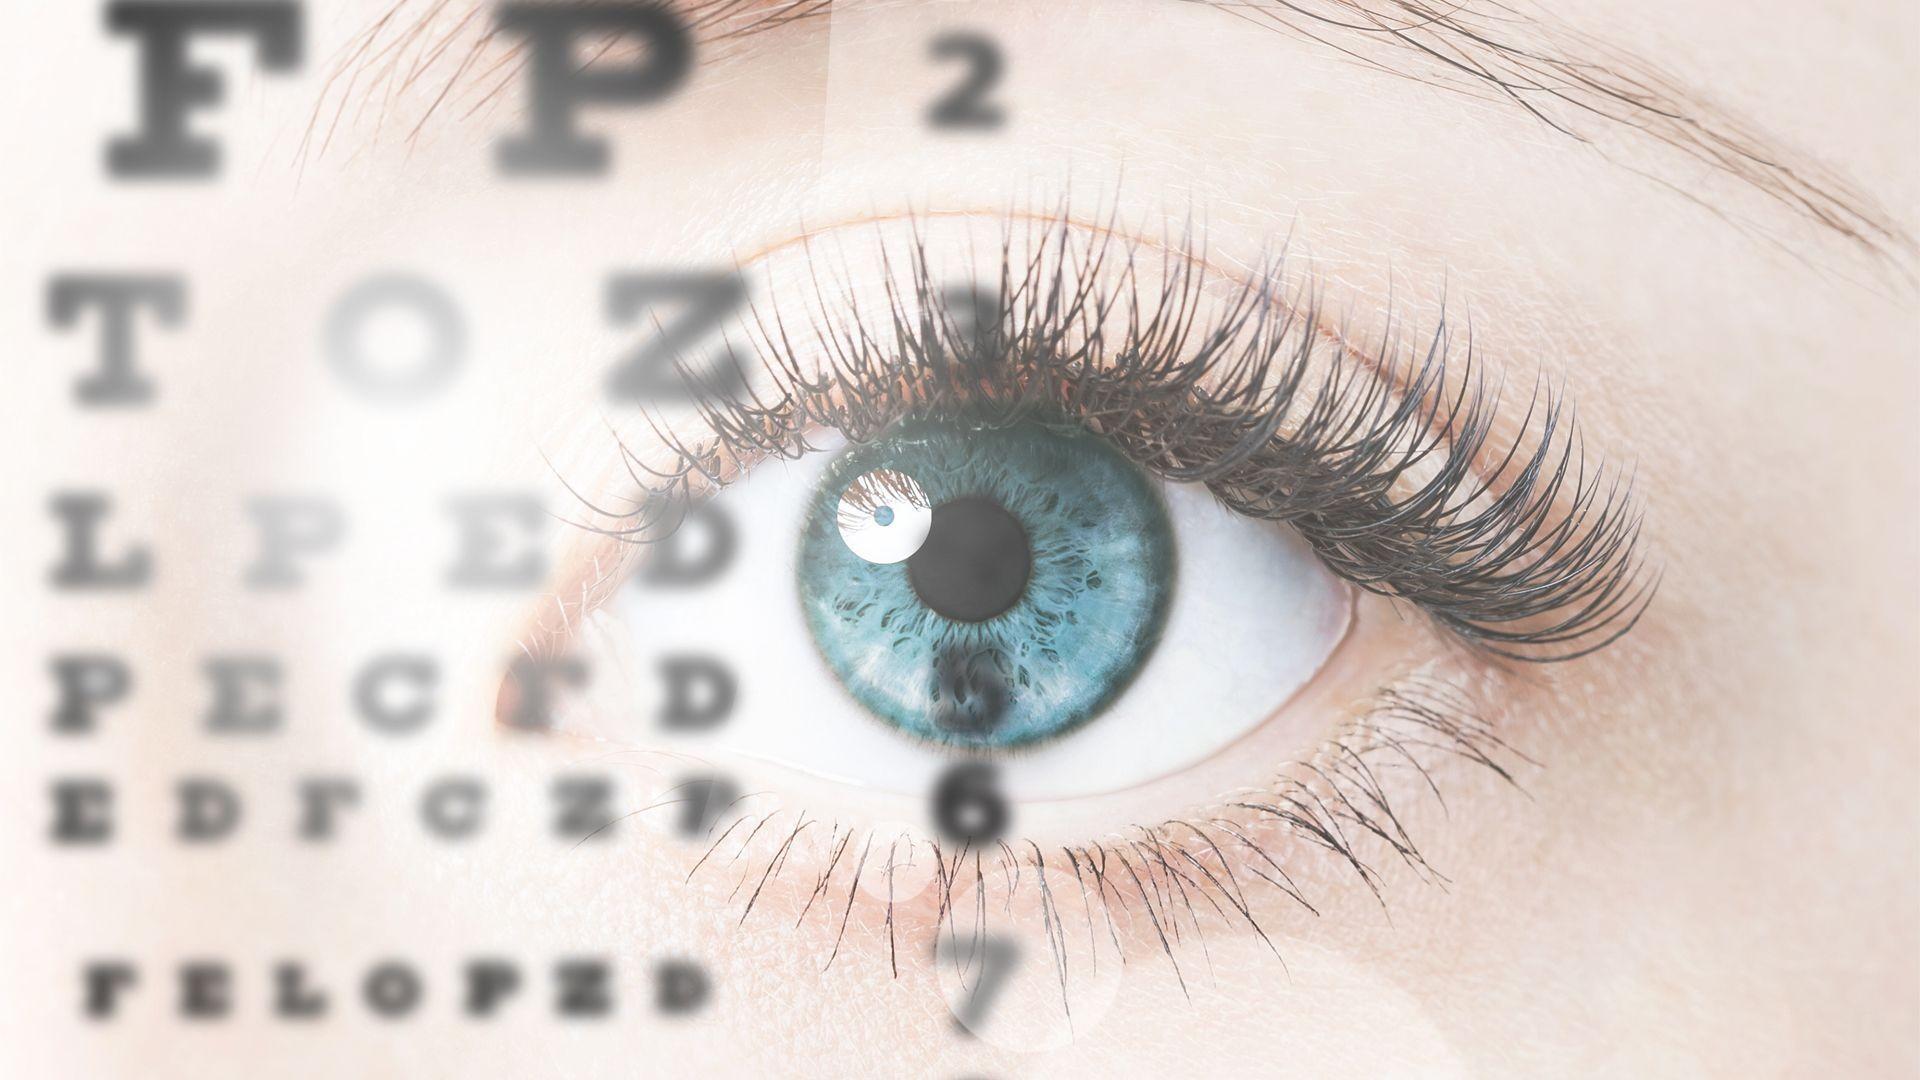 Centro oftalmológico en Valls